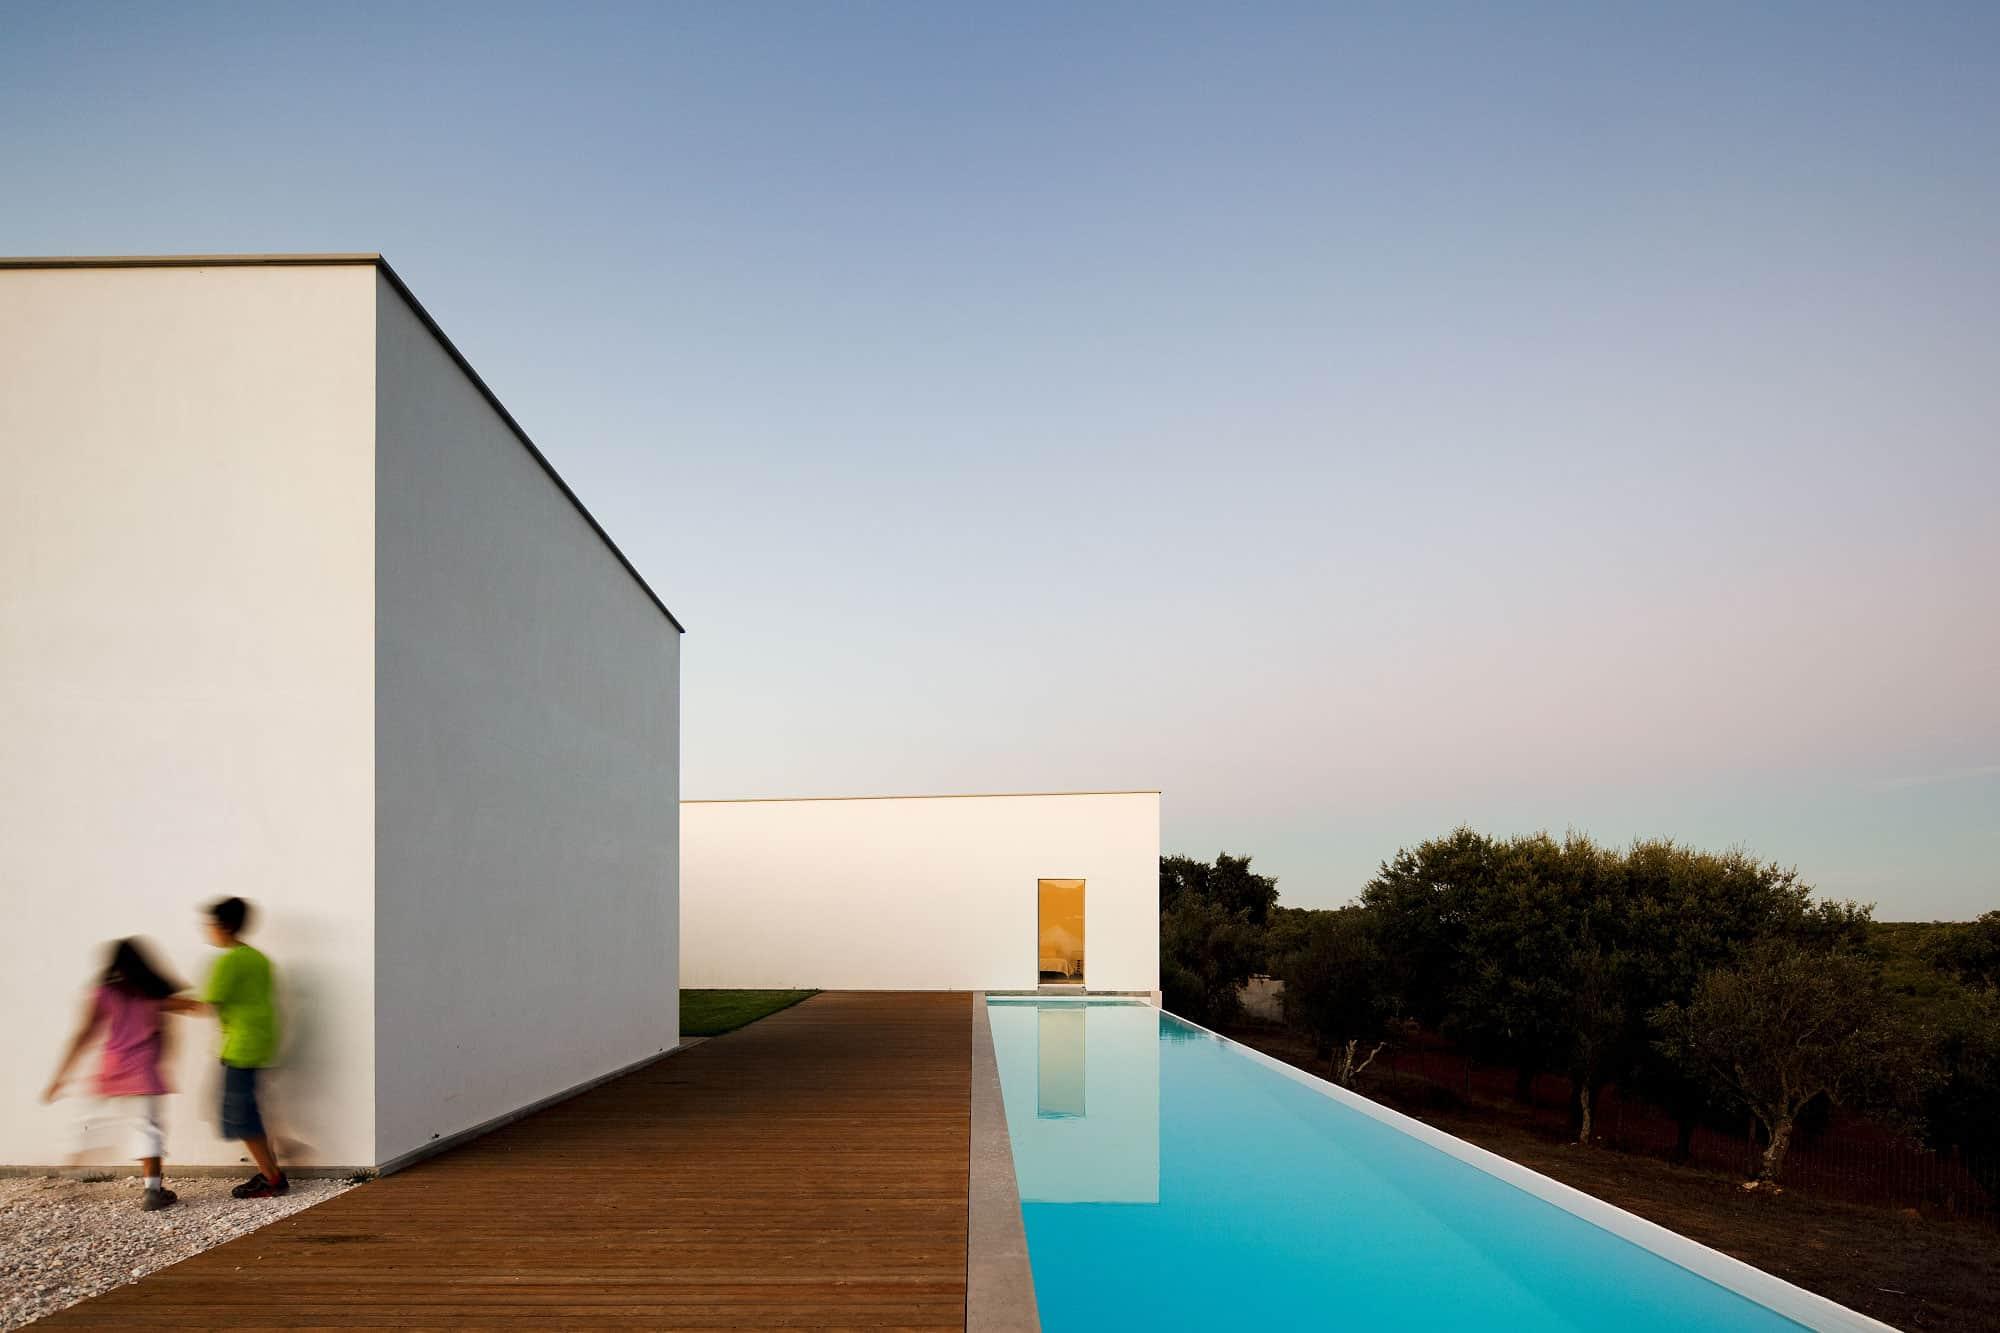 Candeias House by Carrilho da Graça Arquitectos